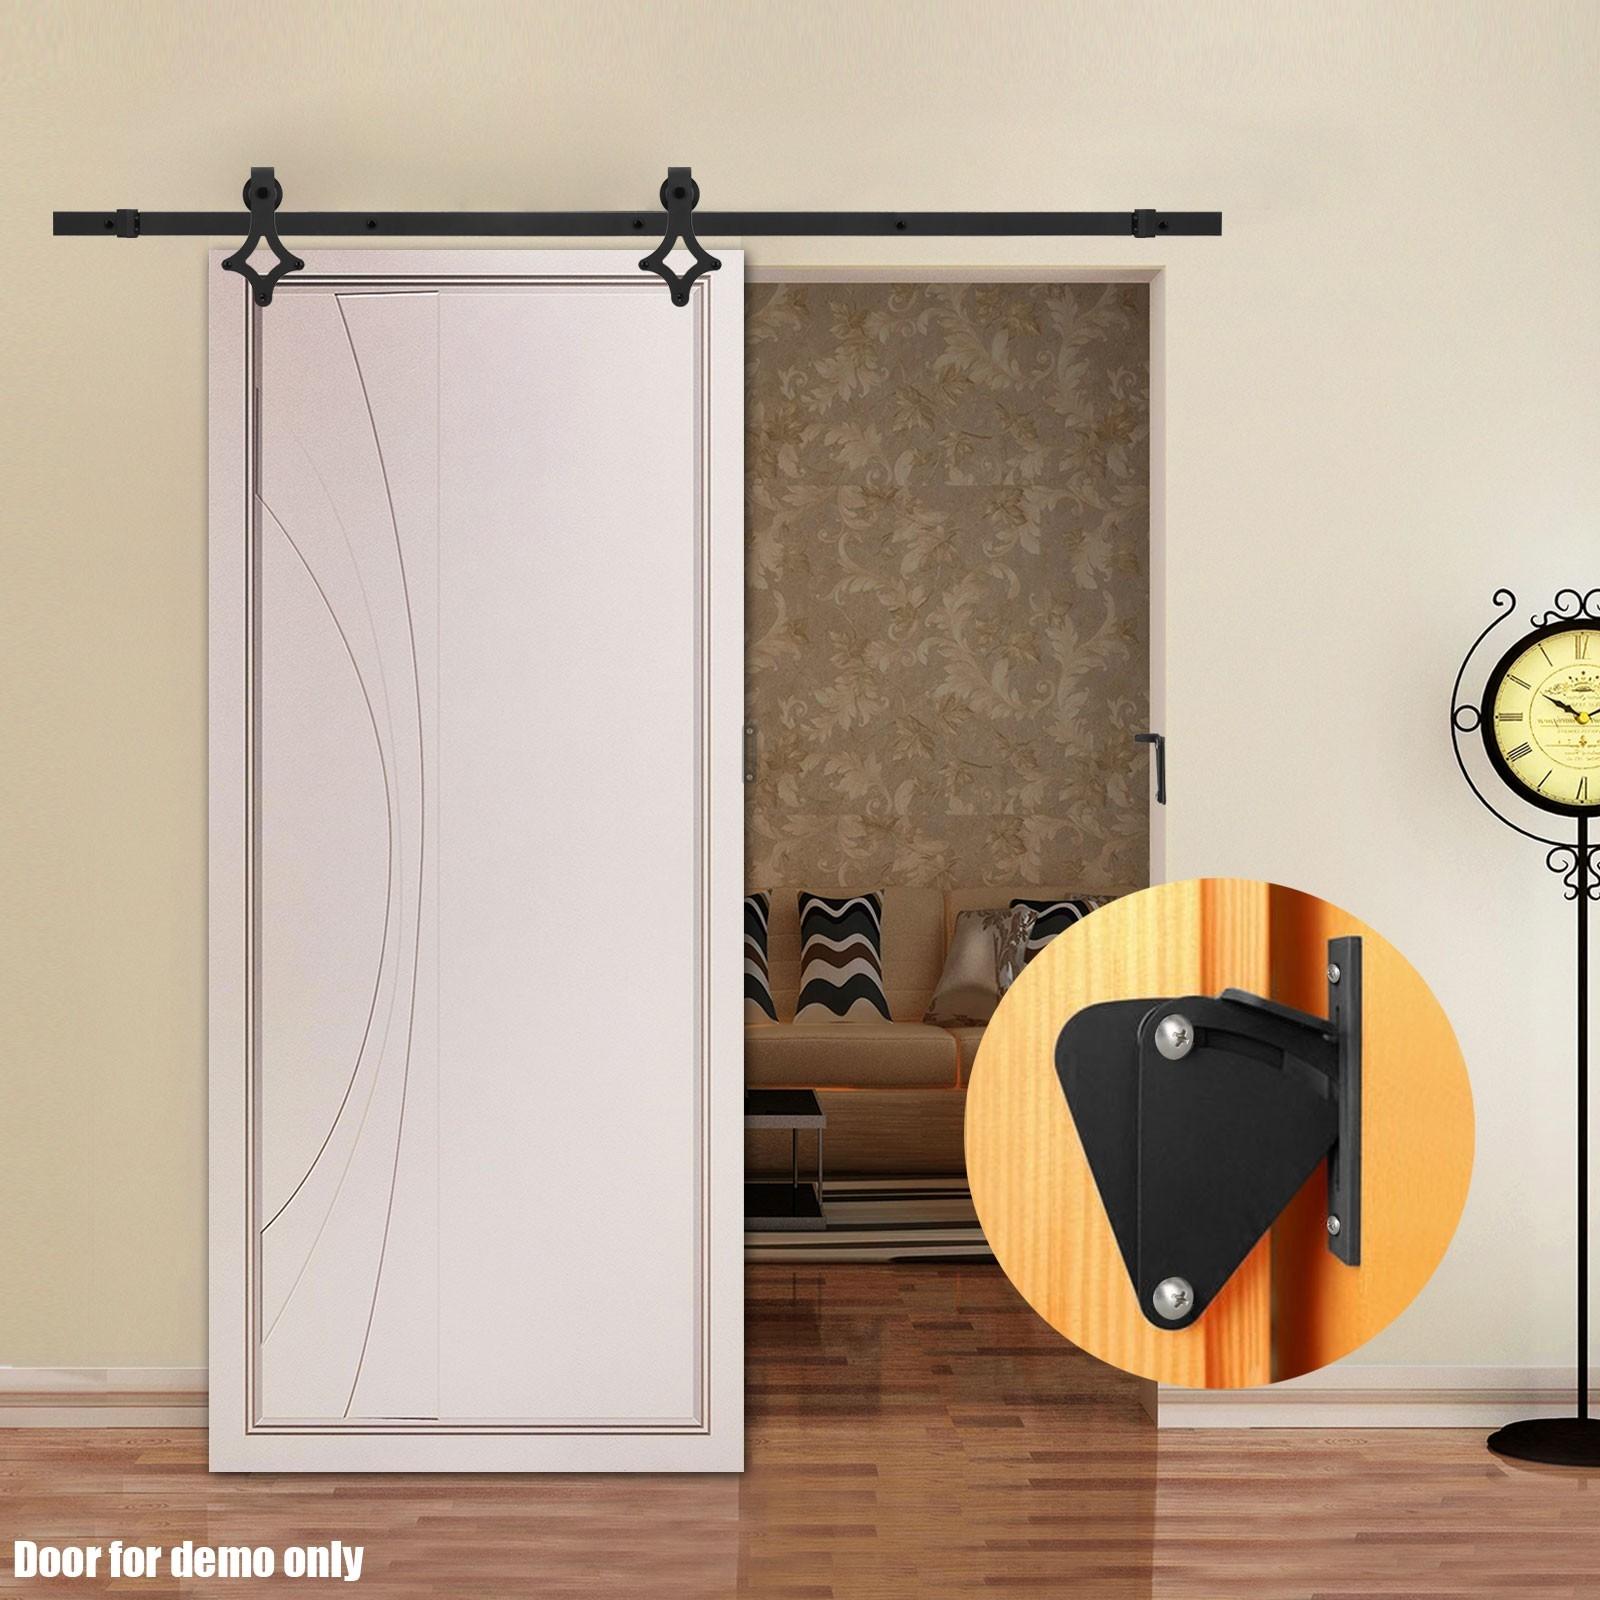 Locking Hardware For Sliding Barn Doorsvoilamart 2m sliding barn door hardware track set lock no joint